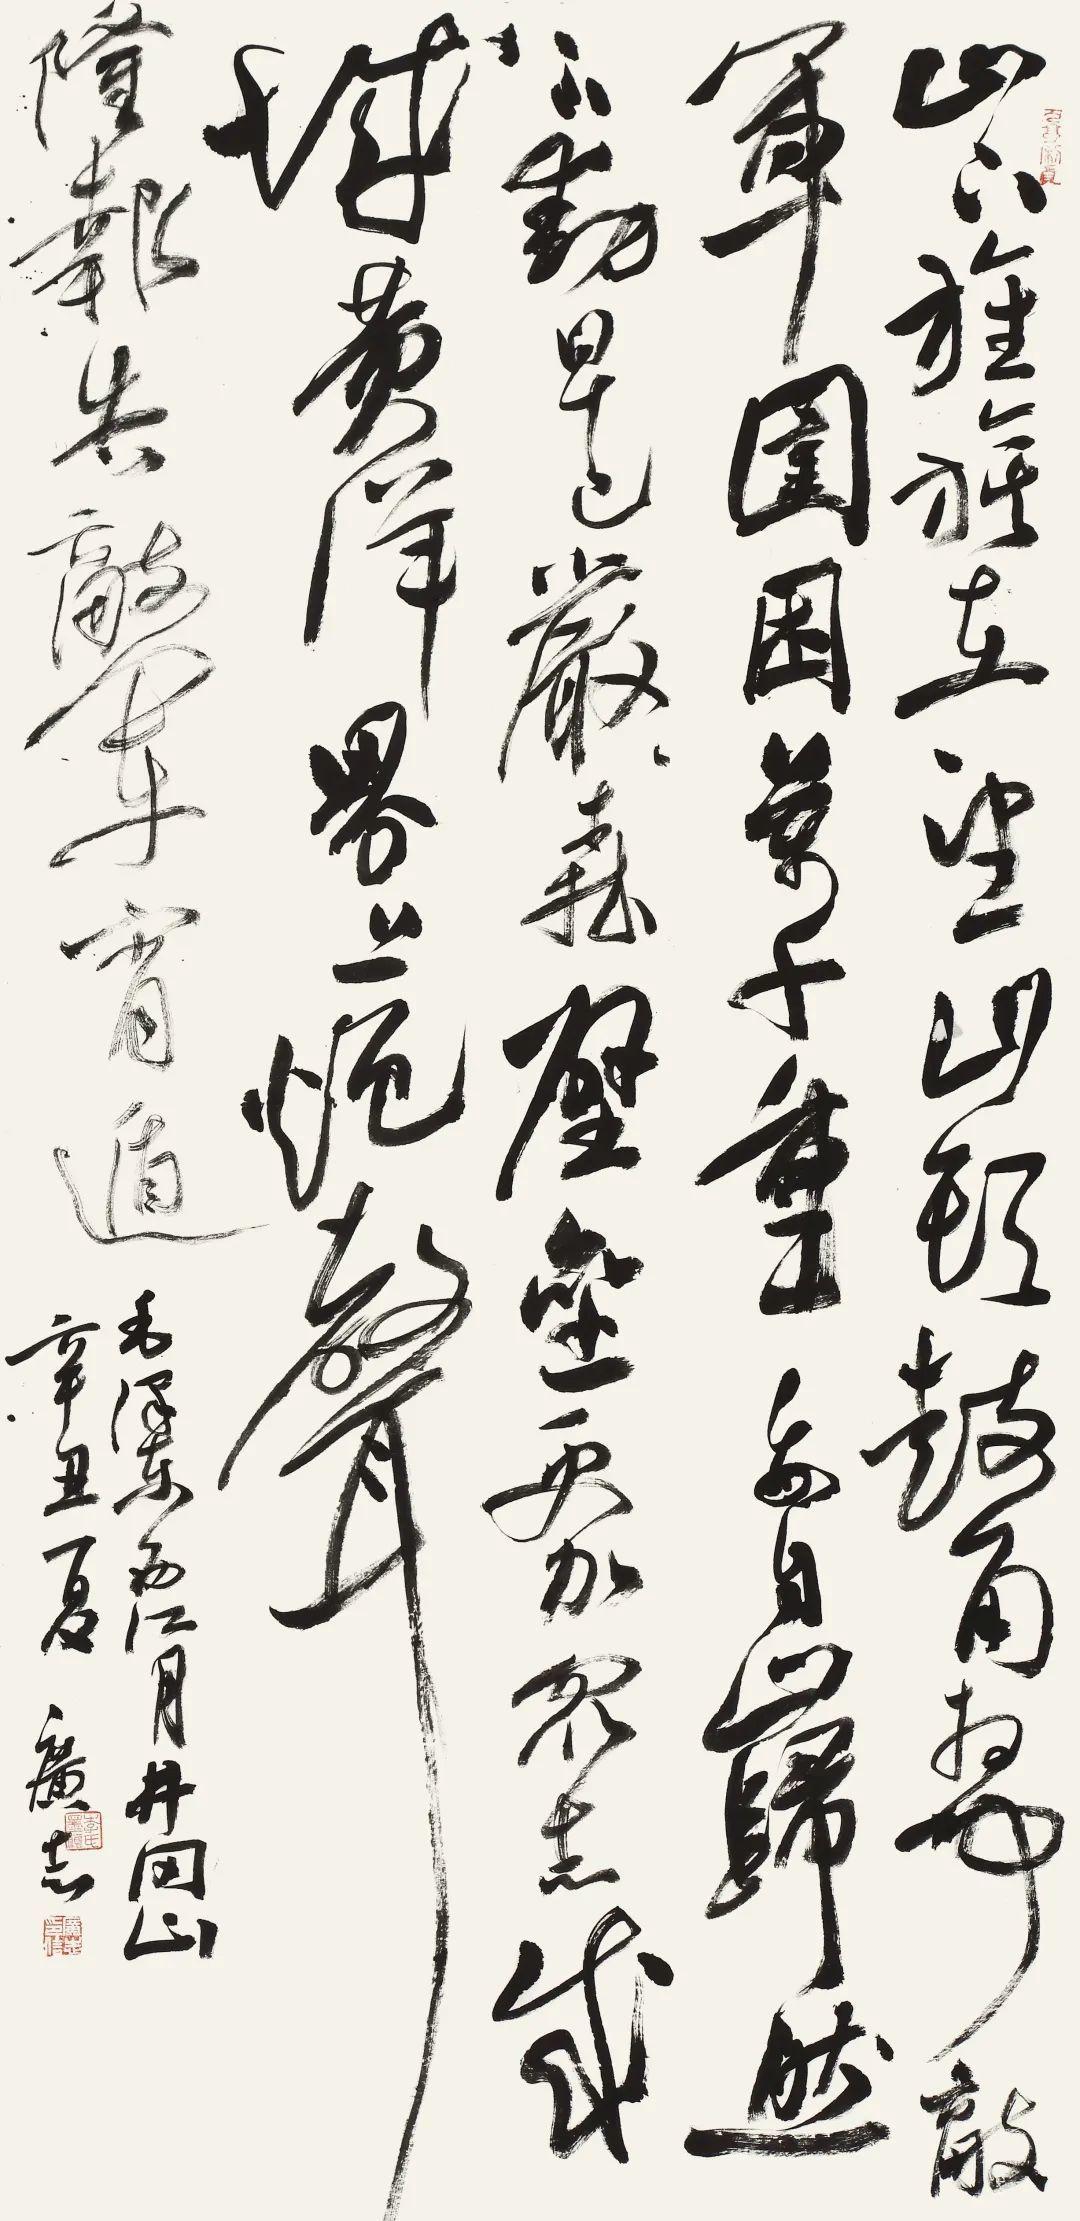 中国书法家协会会员、广东省青年书法家协会副秘书长、广州市青年书法家协会副主席、广州羊城书法研究会副会长李广志